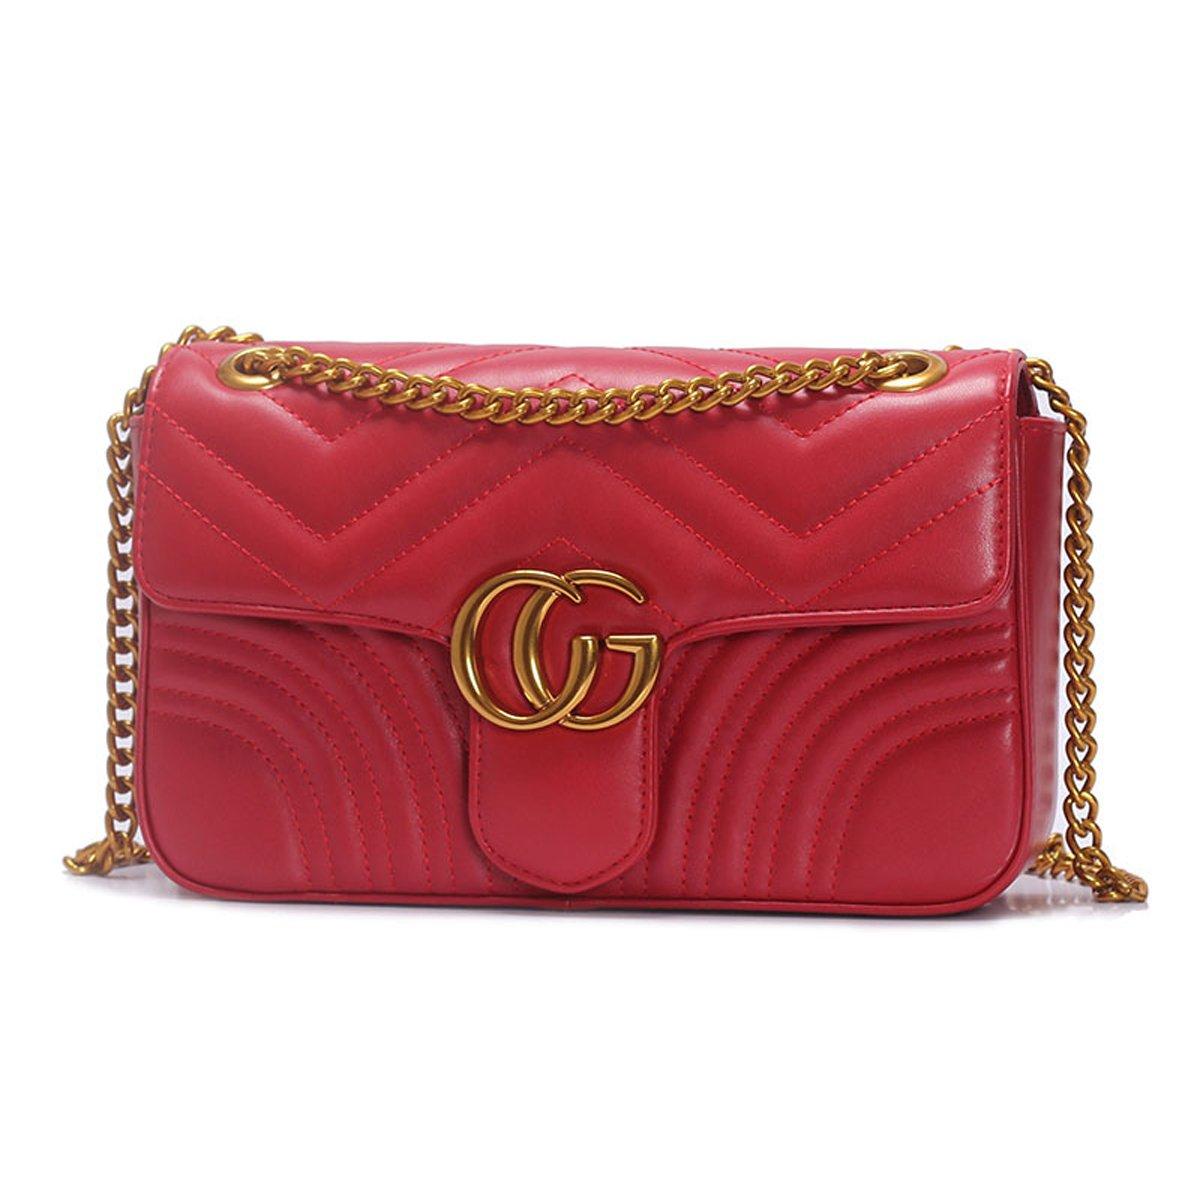 2018 neue Damen TaschePU-Leder-UmhängetascheFashion Velvet Cloth Bag Kette gesteppte Schultertasche Damen Umhängetasche (23x15x7cm, Rot) liyuanbaihuo